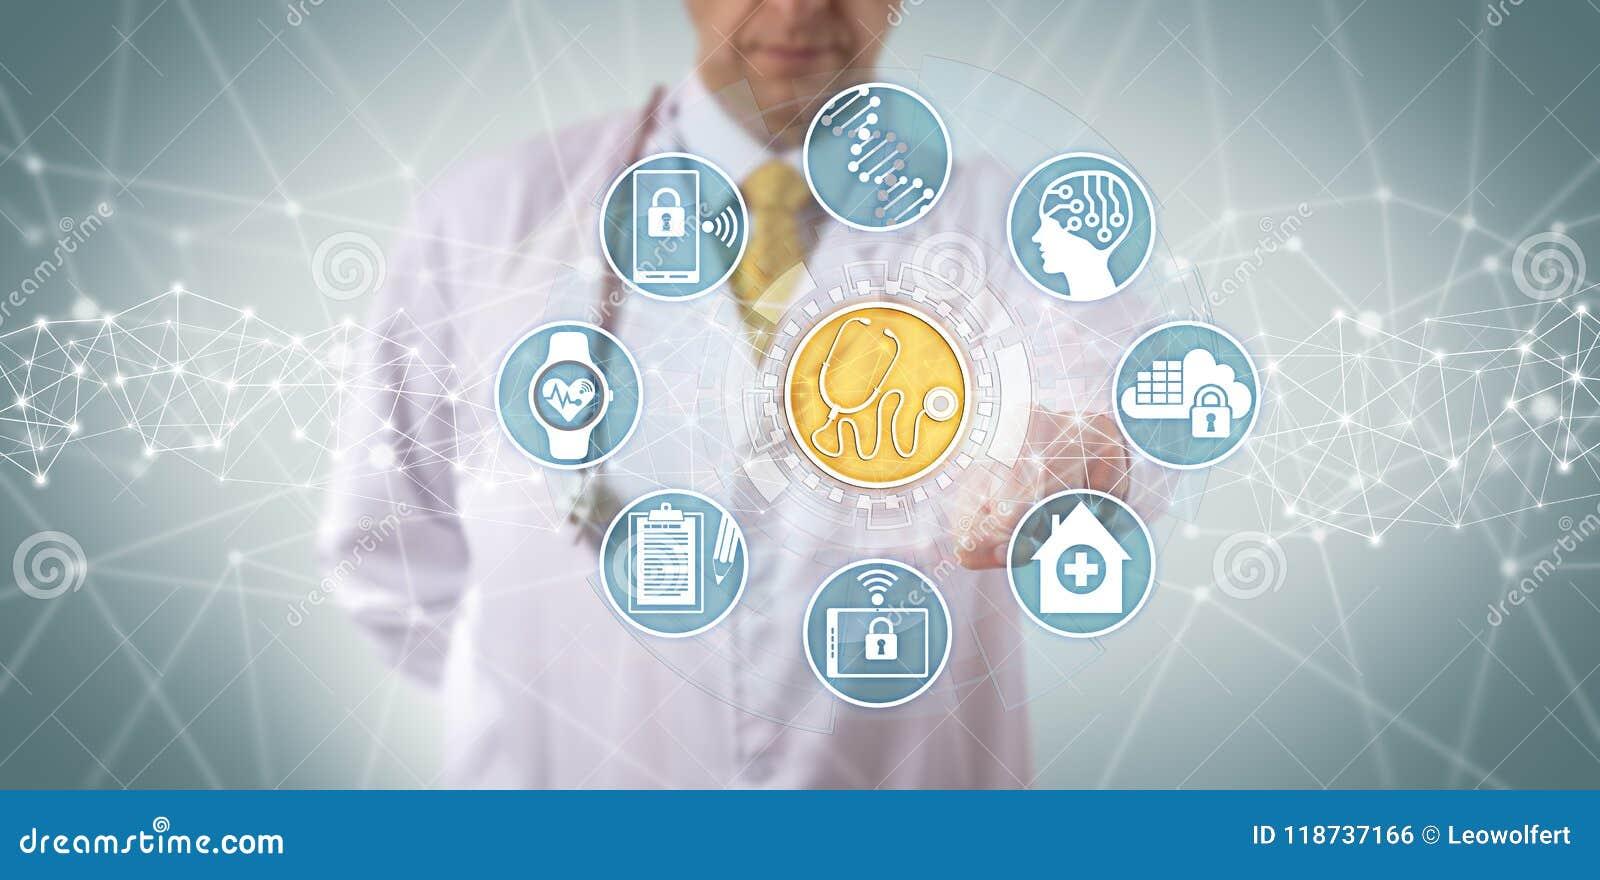 Clinician Accessing Medical Diagnostics App